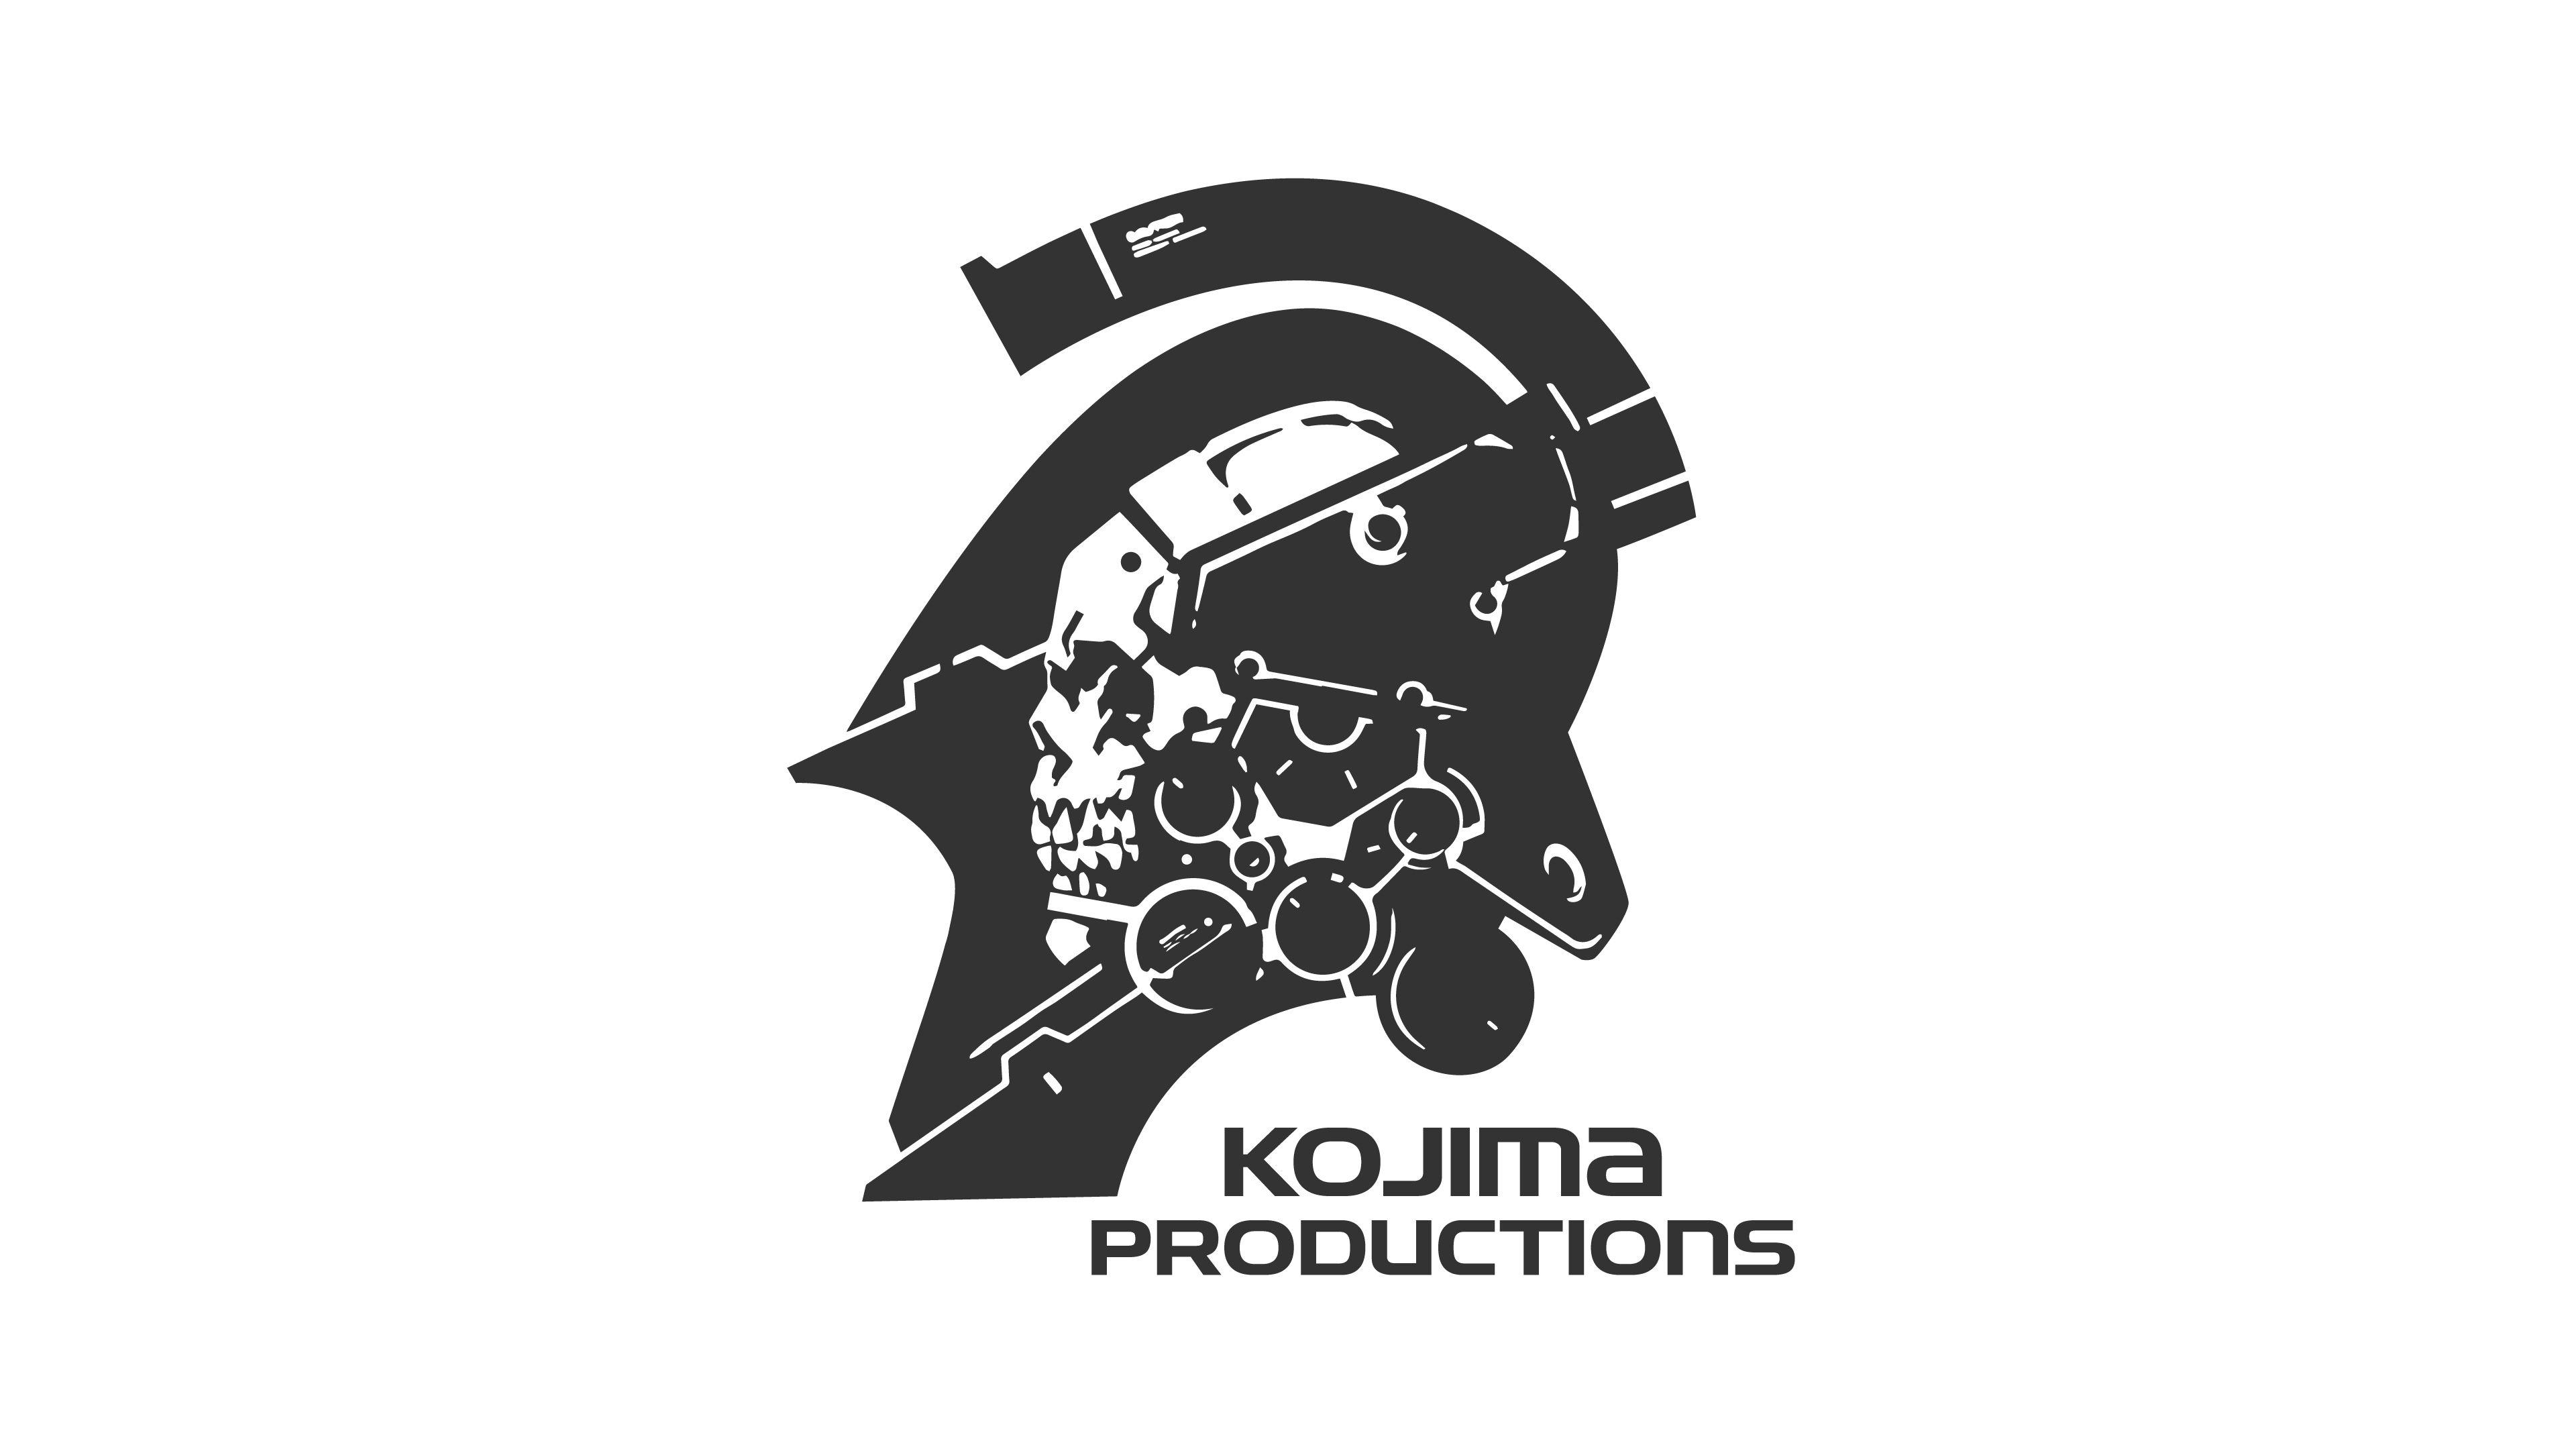 New Kojima Productions Hi Res Wallpapers 4k Uhd